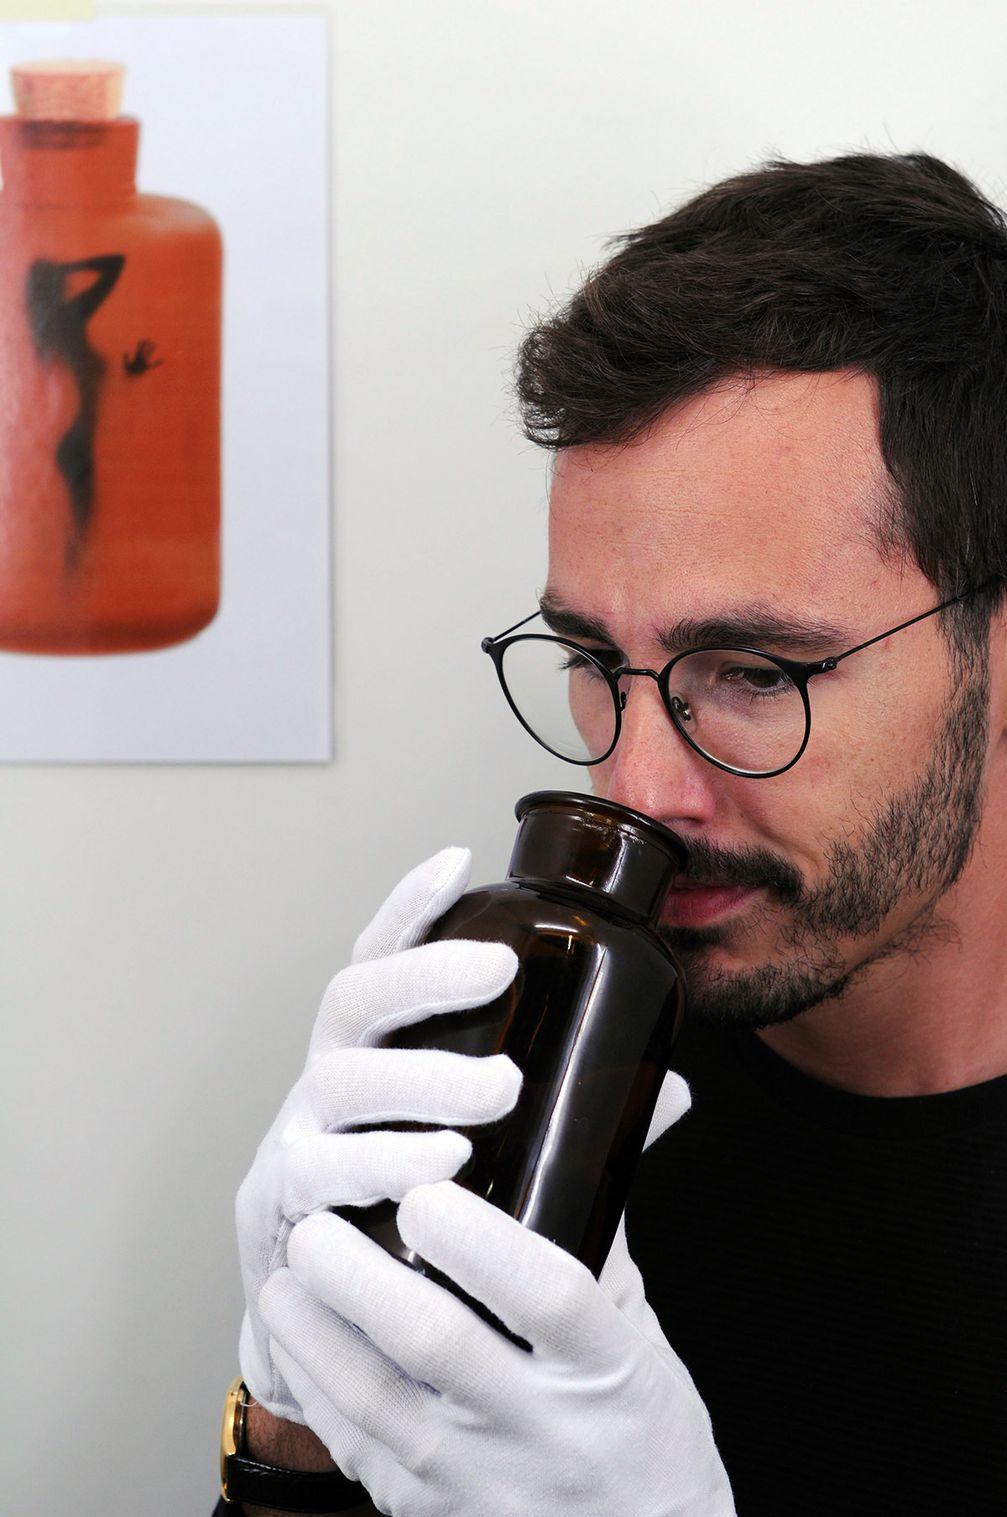 Für Männer «dufte» oder nicht? Die Schnüffelprobe zeigt: Sexualhormone steuern den weiblichen Geruch und somit die Attraktivität. Quelle: Soziale Neurowissenschaft / Universität Bern (idw)